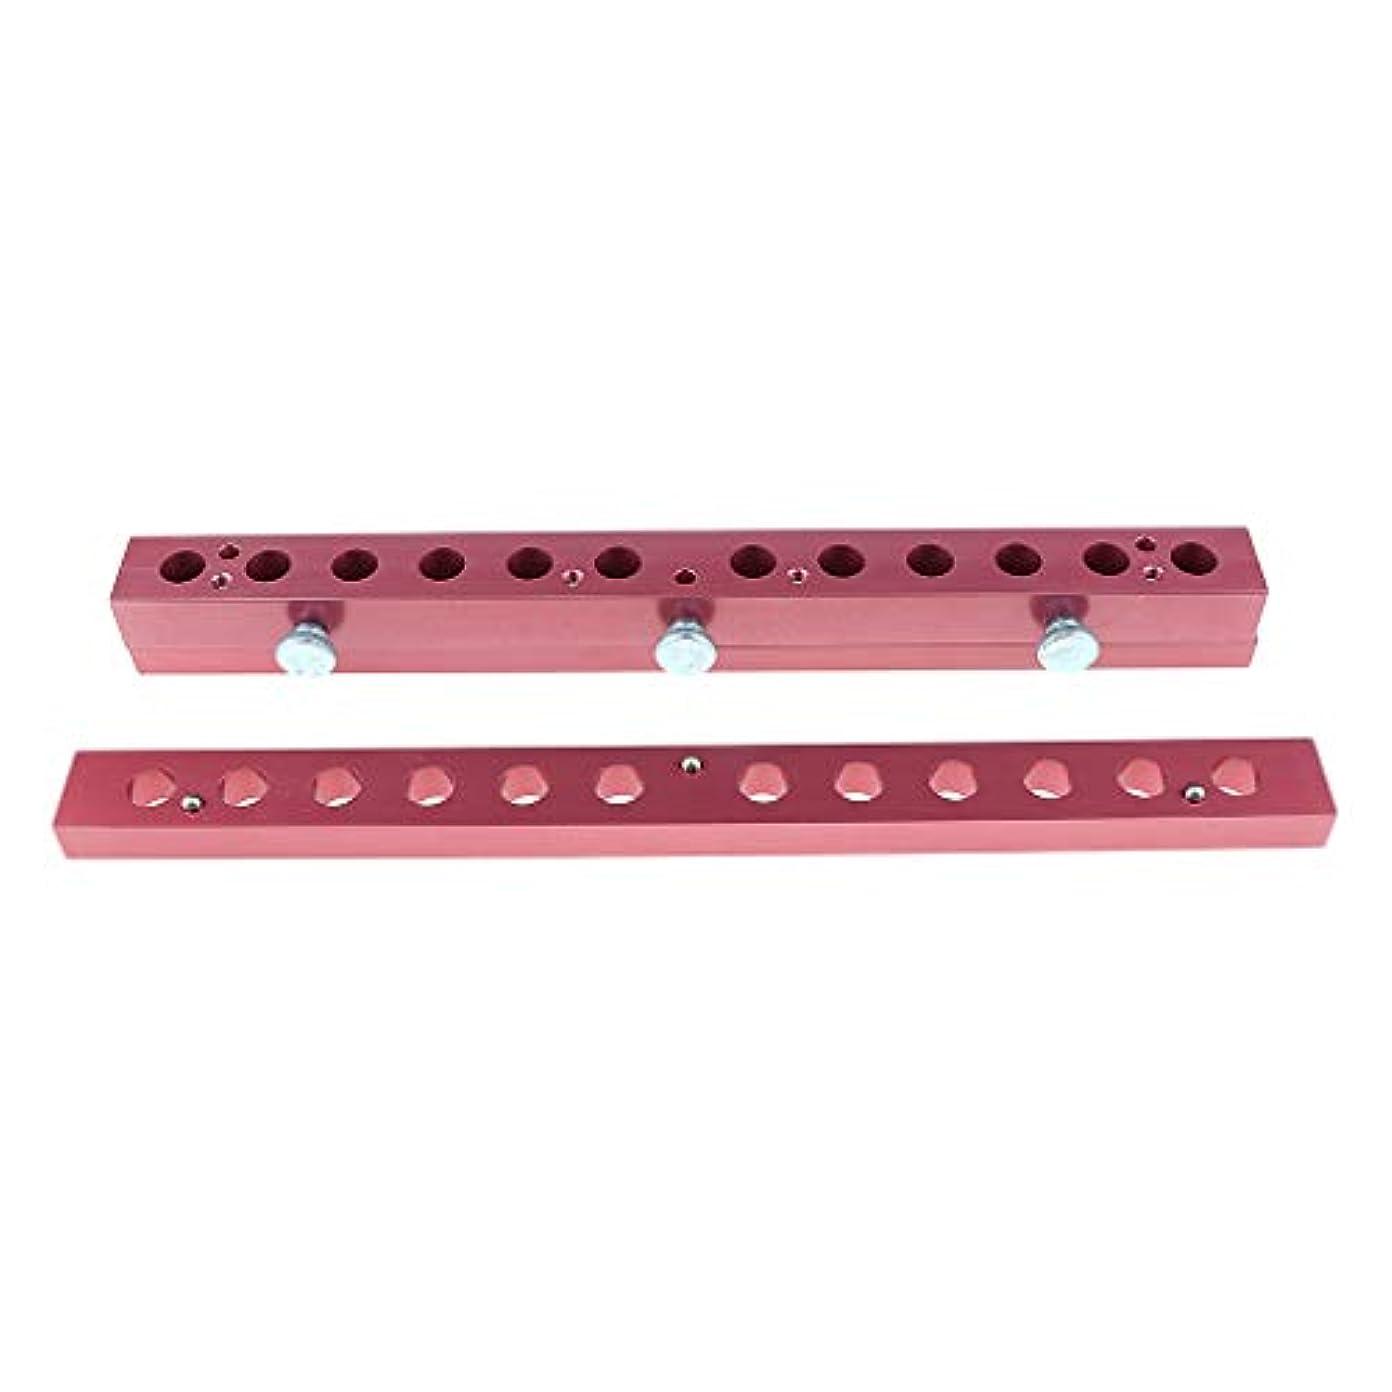 床を掃除する咳差別12のキャビティ穴の口紅型アルミニウム12.1mmの管DIYの唇型の詰物 - 2way